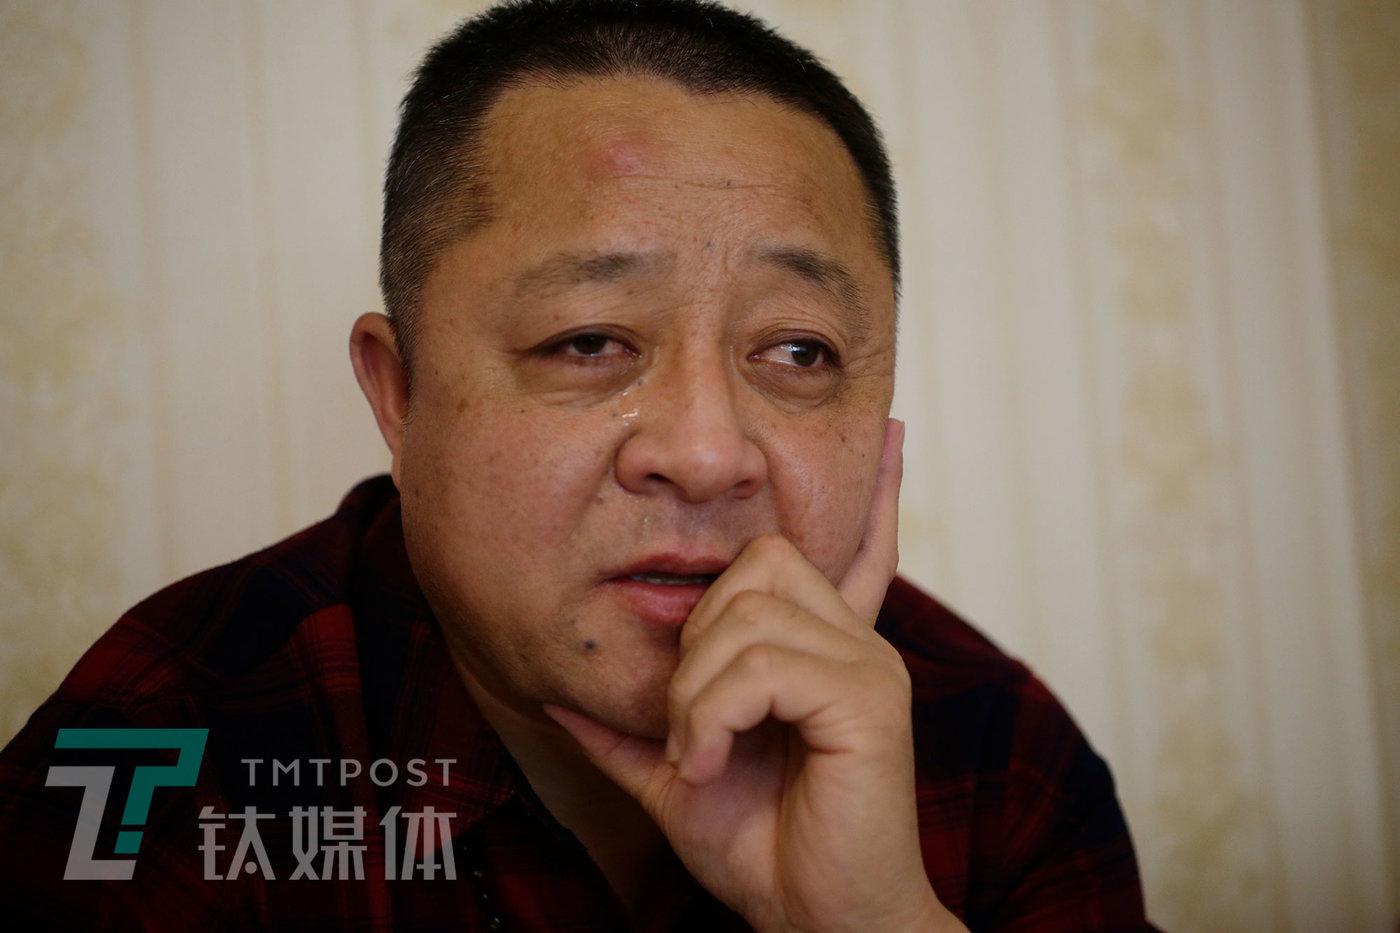 4月24日,老姜回忆往事,想起父母为自己承受的苦和累,不禁潸然泪下。